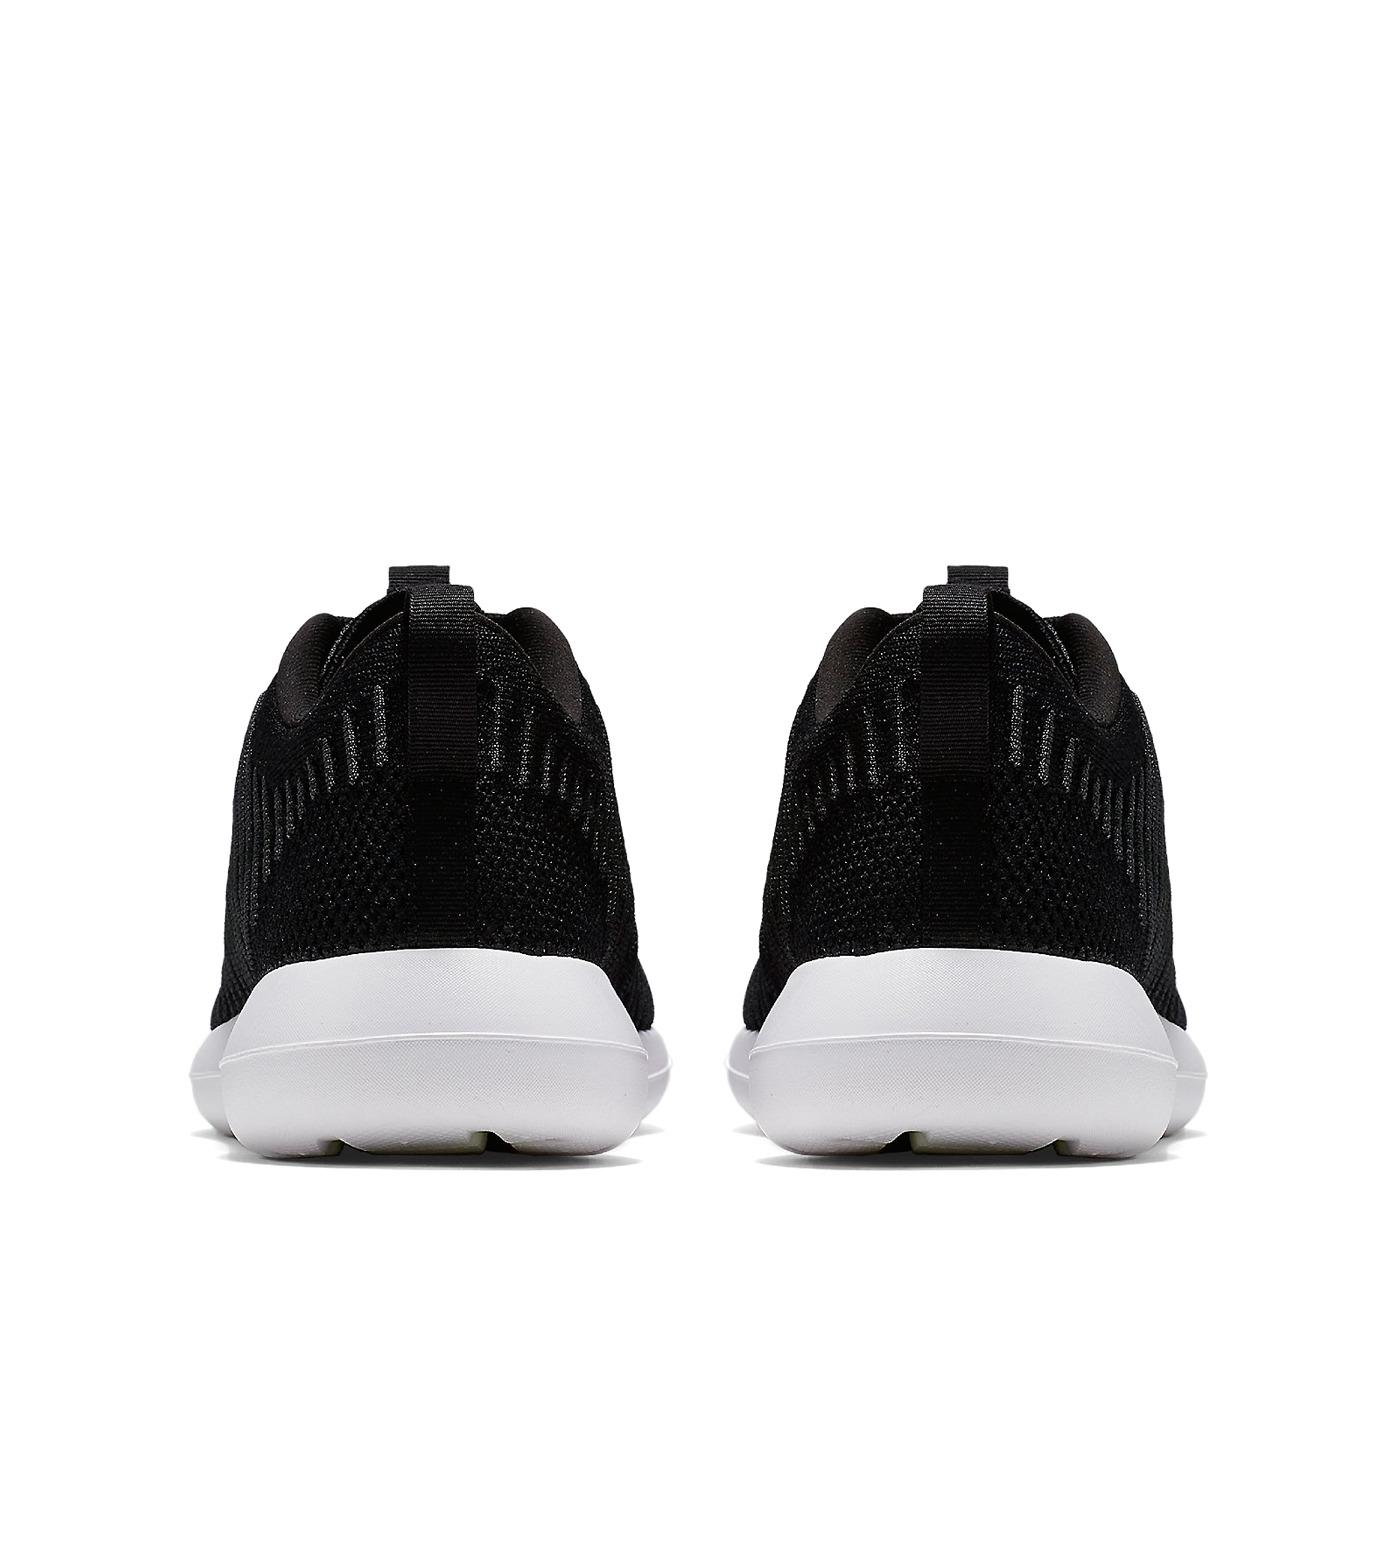 NIKE(ナイキ)のROSHE 2 FLYKNIT-BLACK(シューズ/shoes)-844833-001-13 拡大詳細画像5